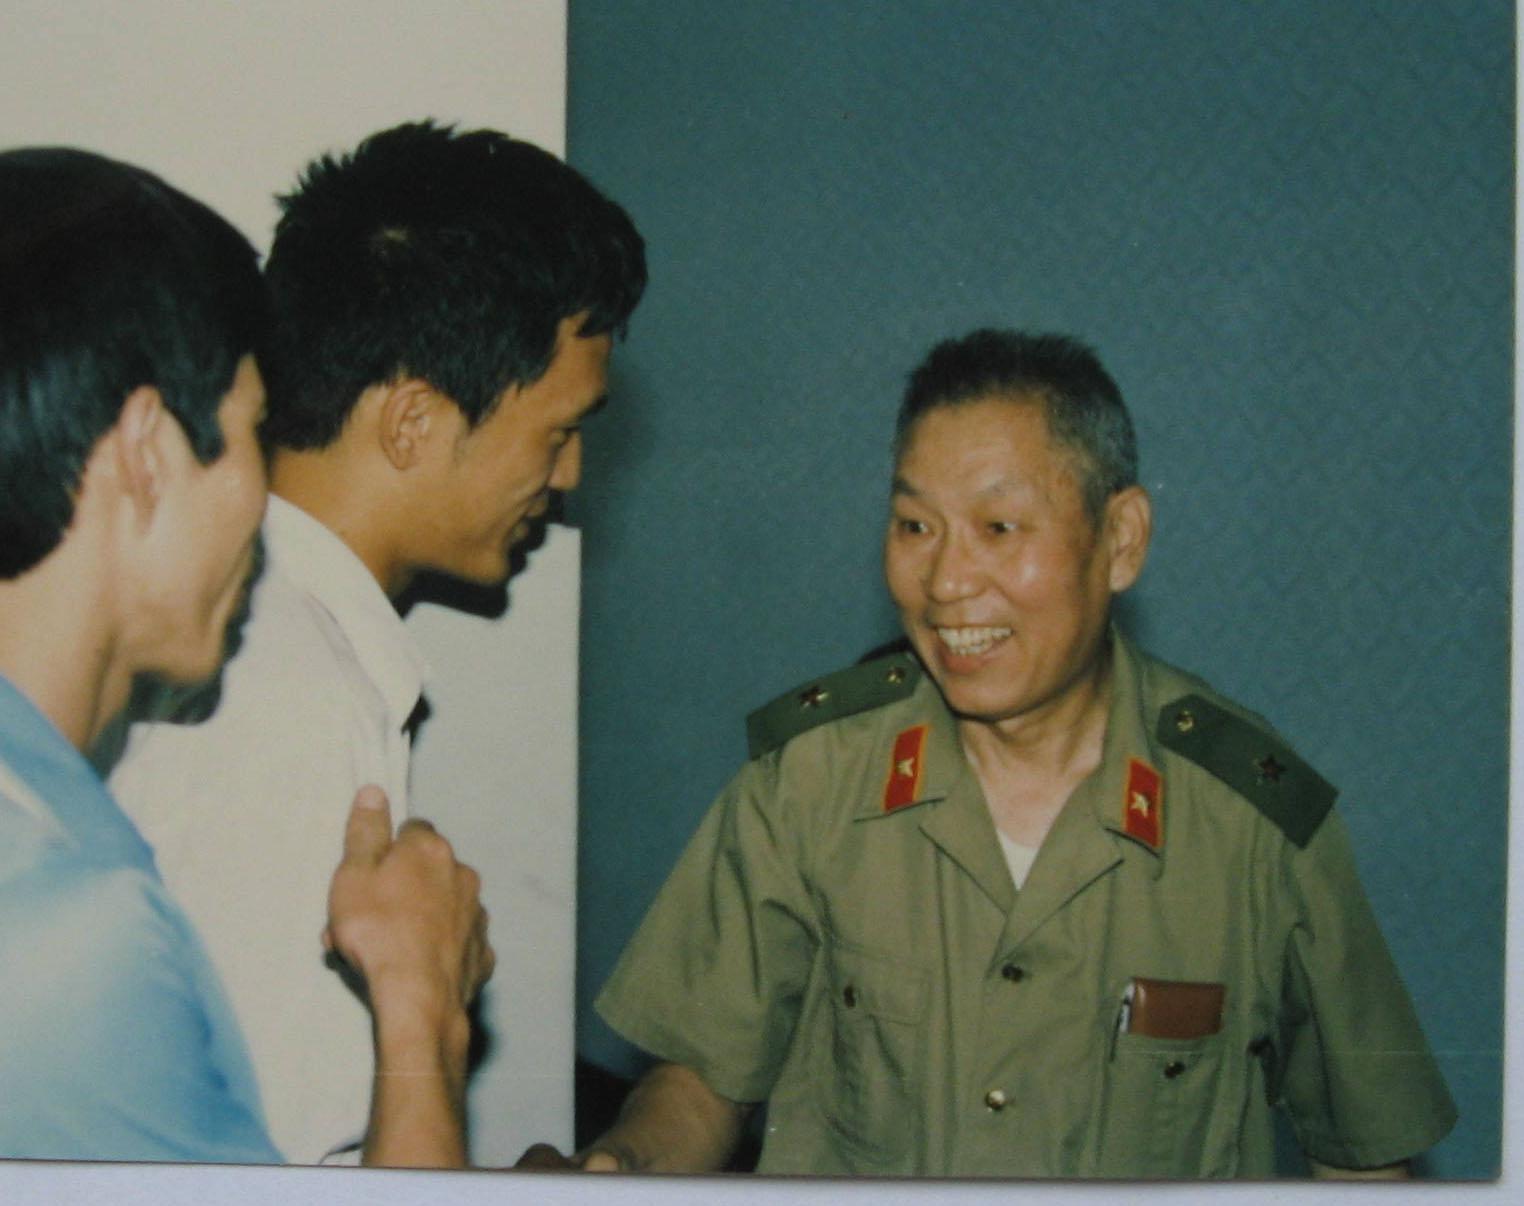 朱韵和——当年穿军装的89一代